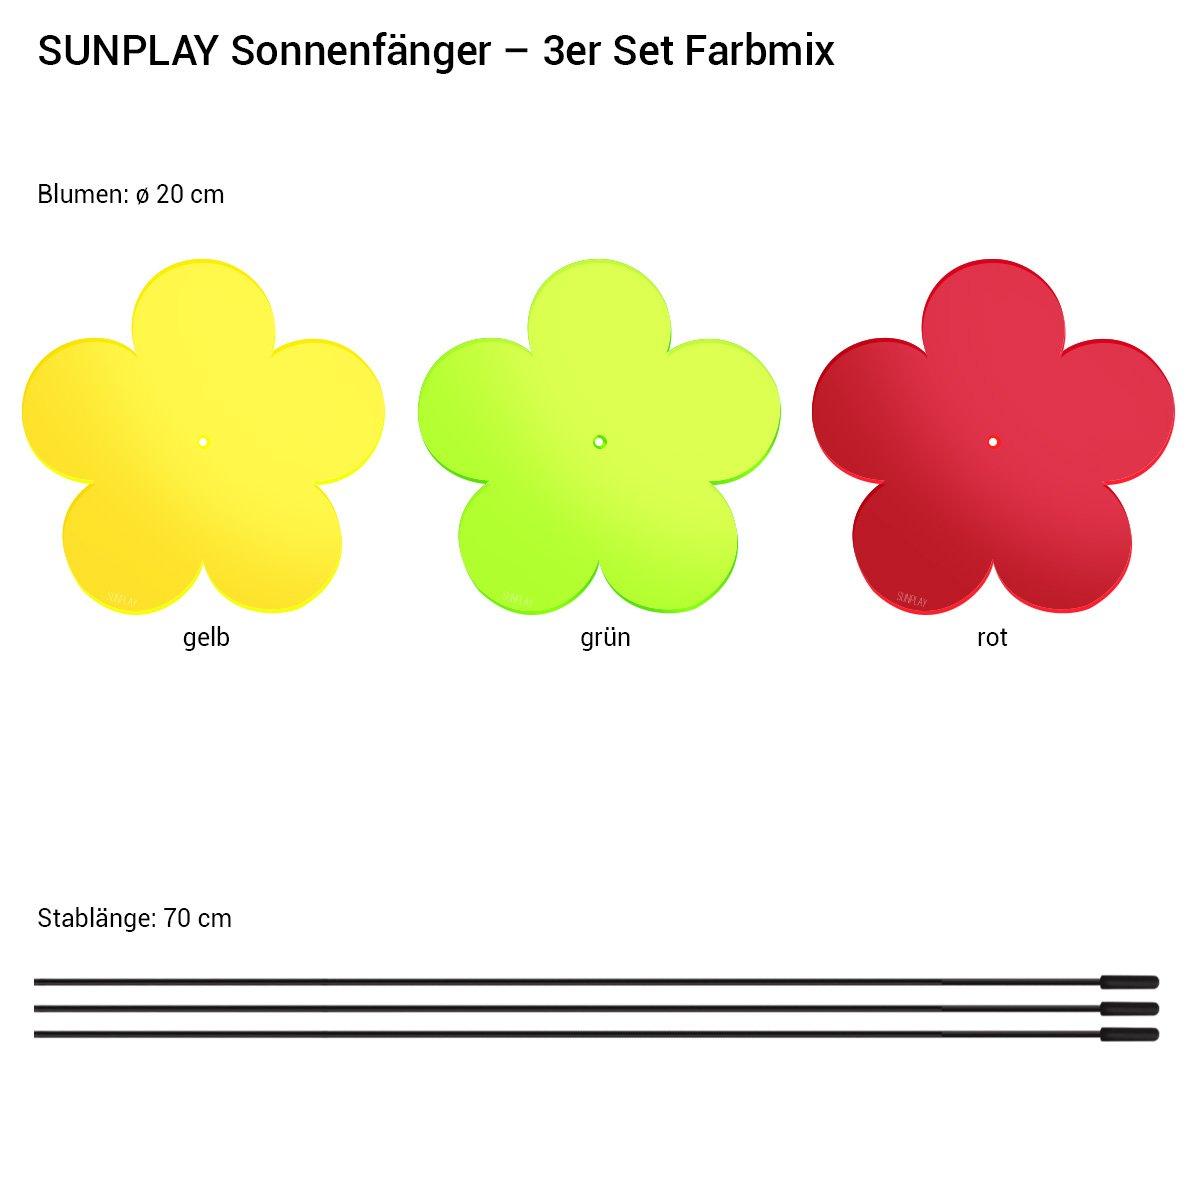 3 St/ück je 20 cm Durchmesser im Set Gelb 70 cm Schwingst/äbe Rot SUNPLAY Sonnenf/änger-Blumen 3er Set Gr/ün